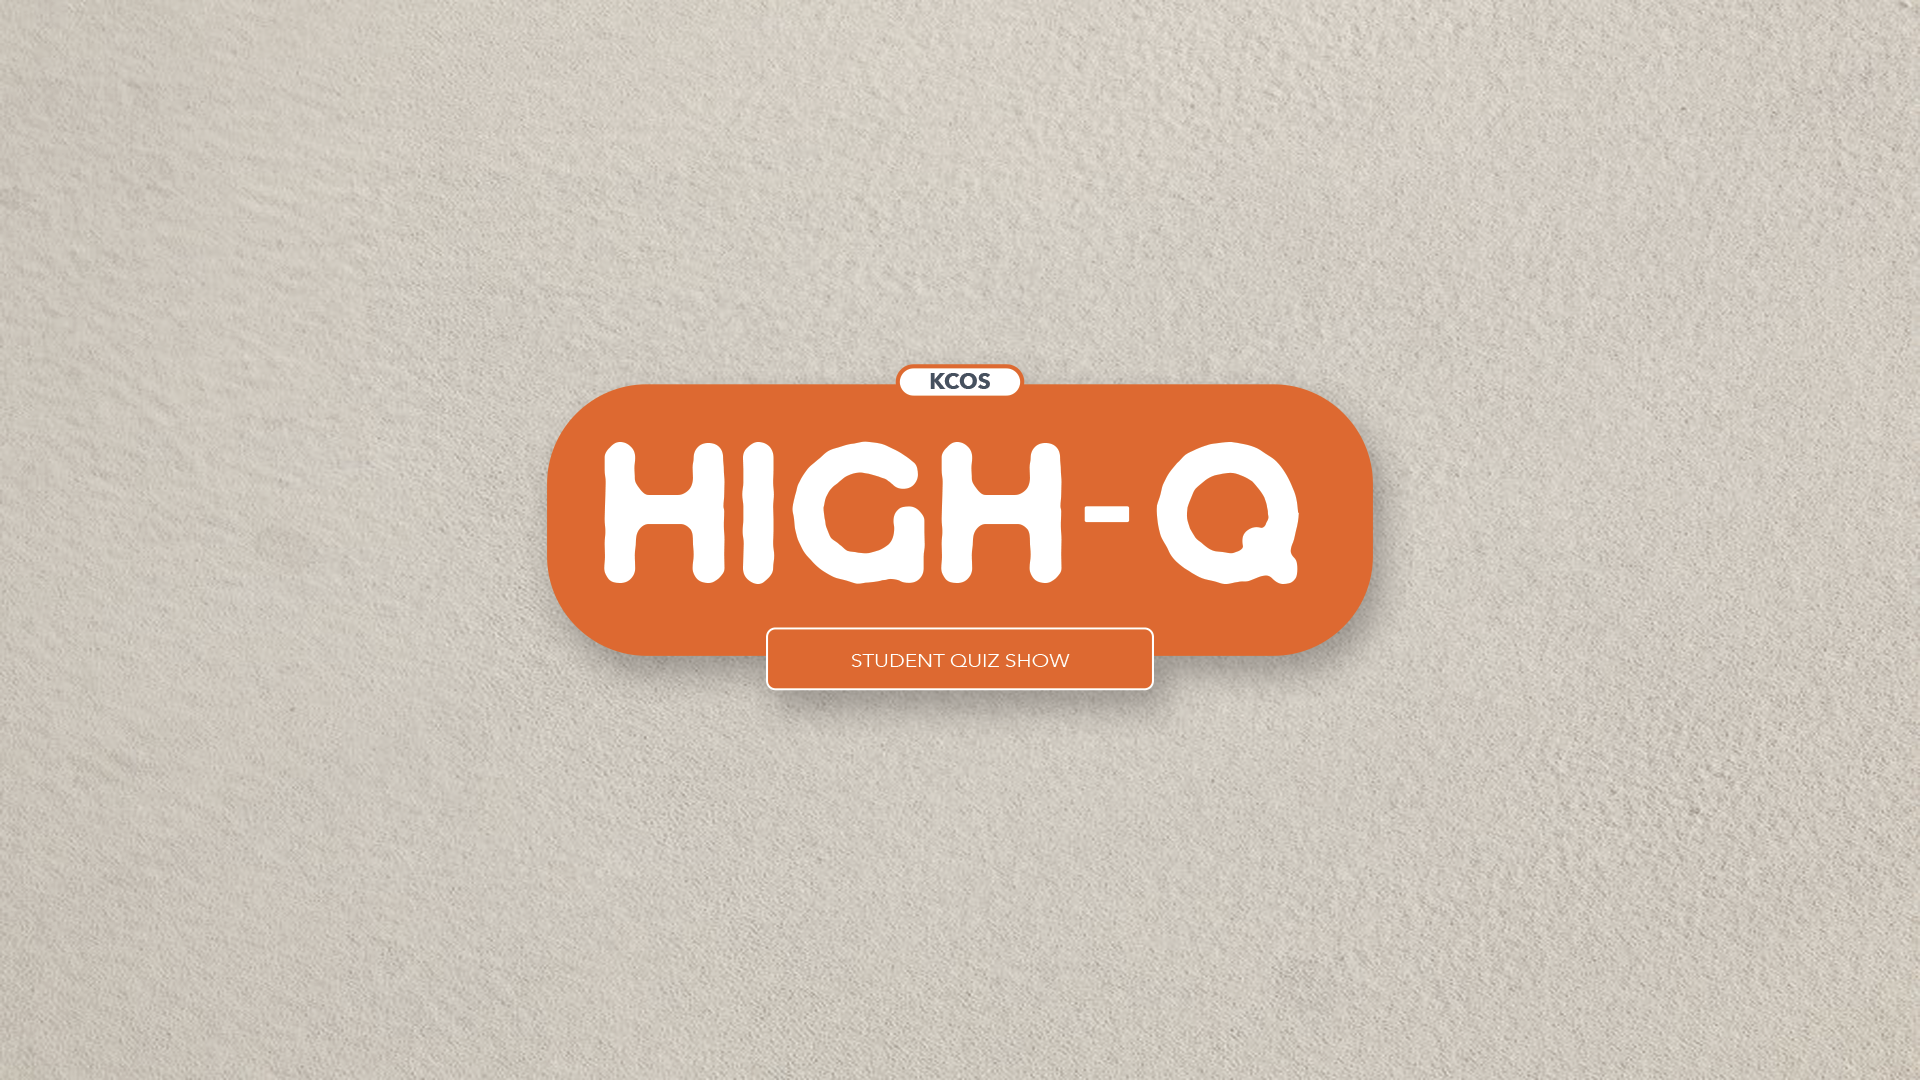 highq3.png